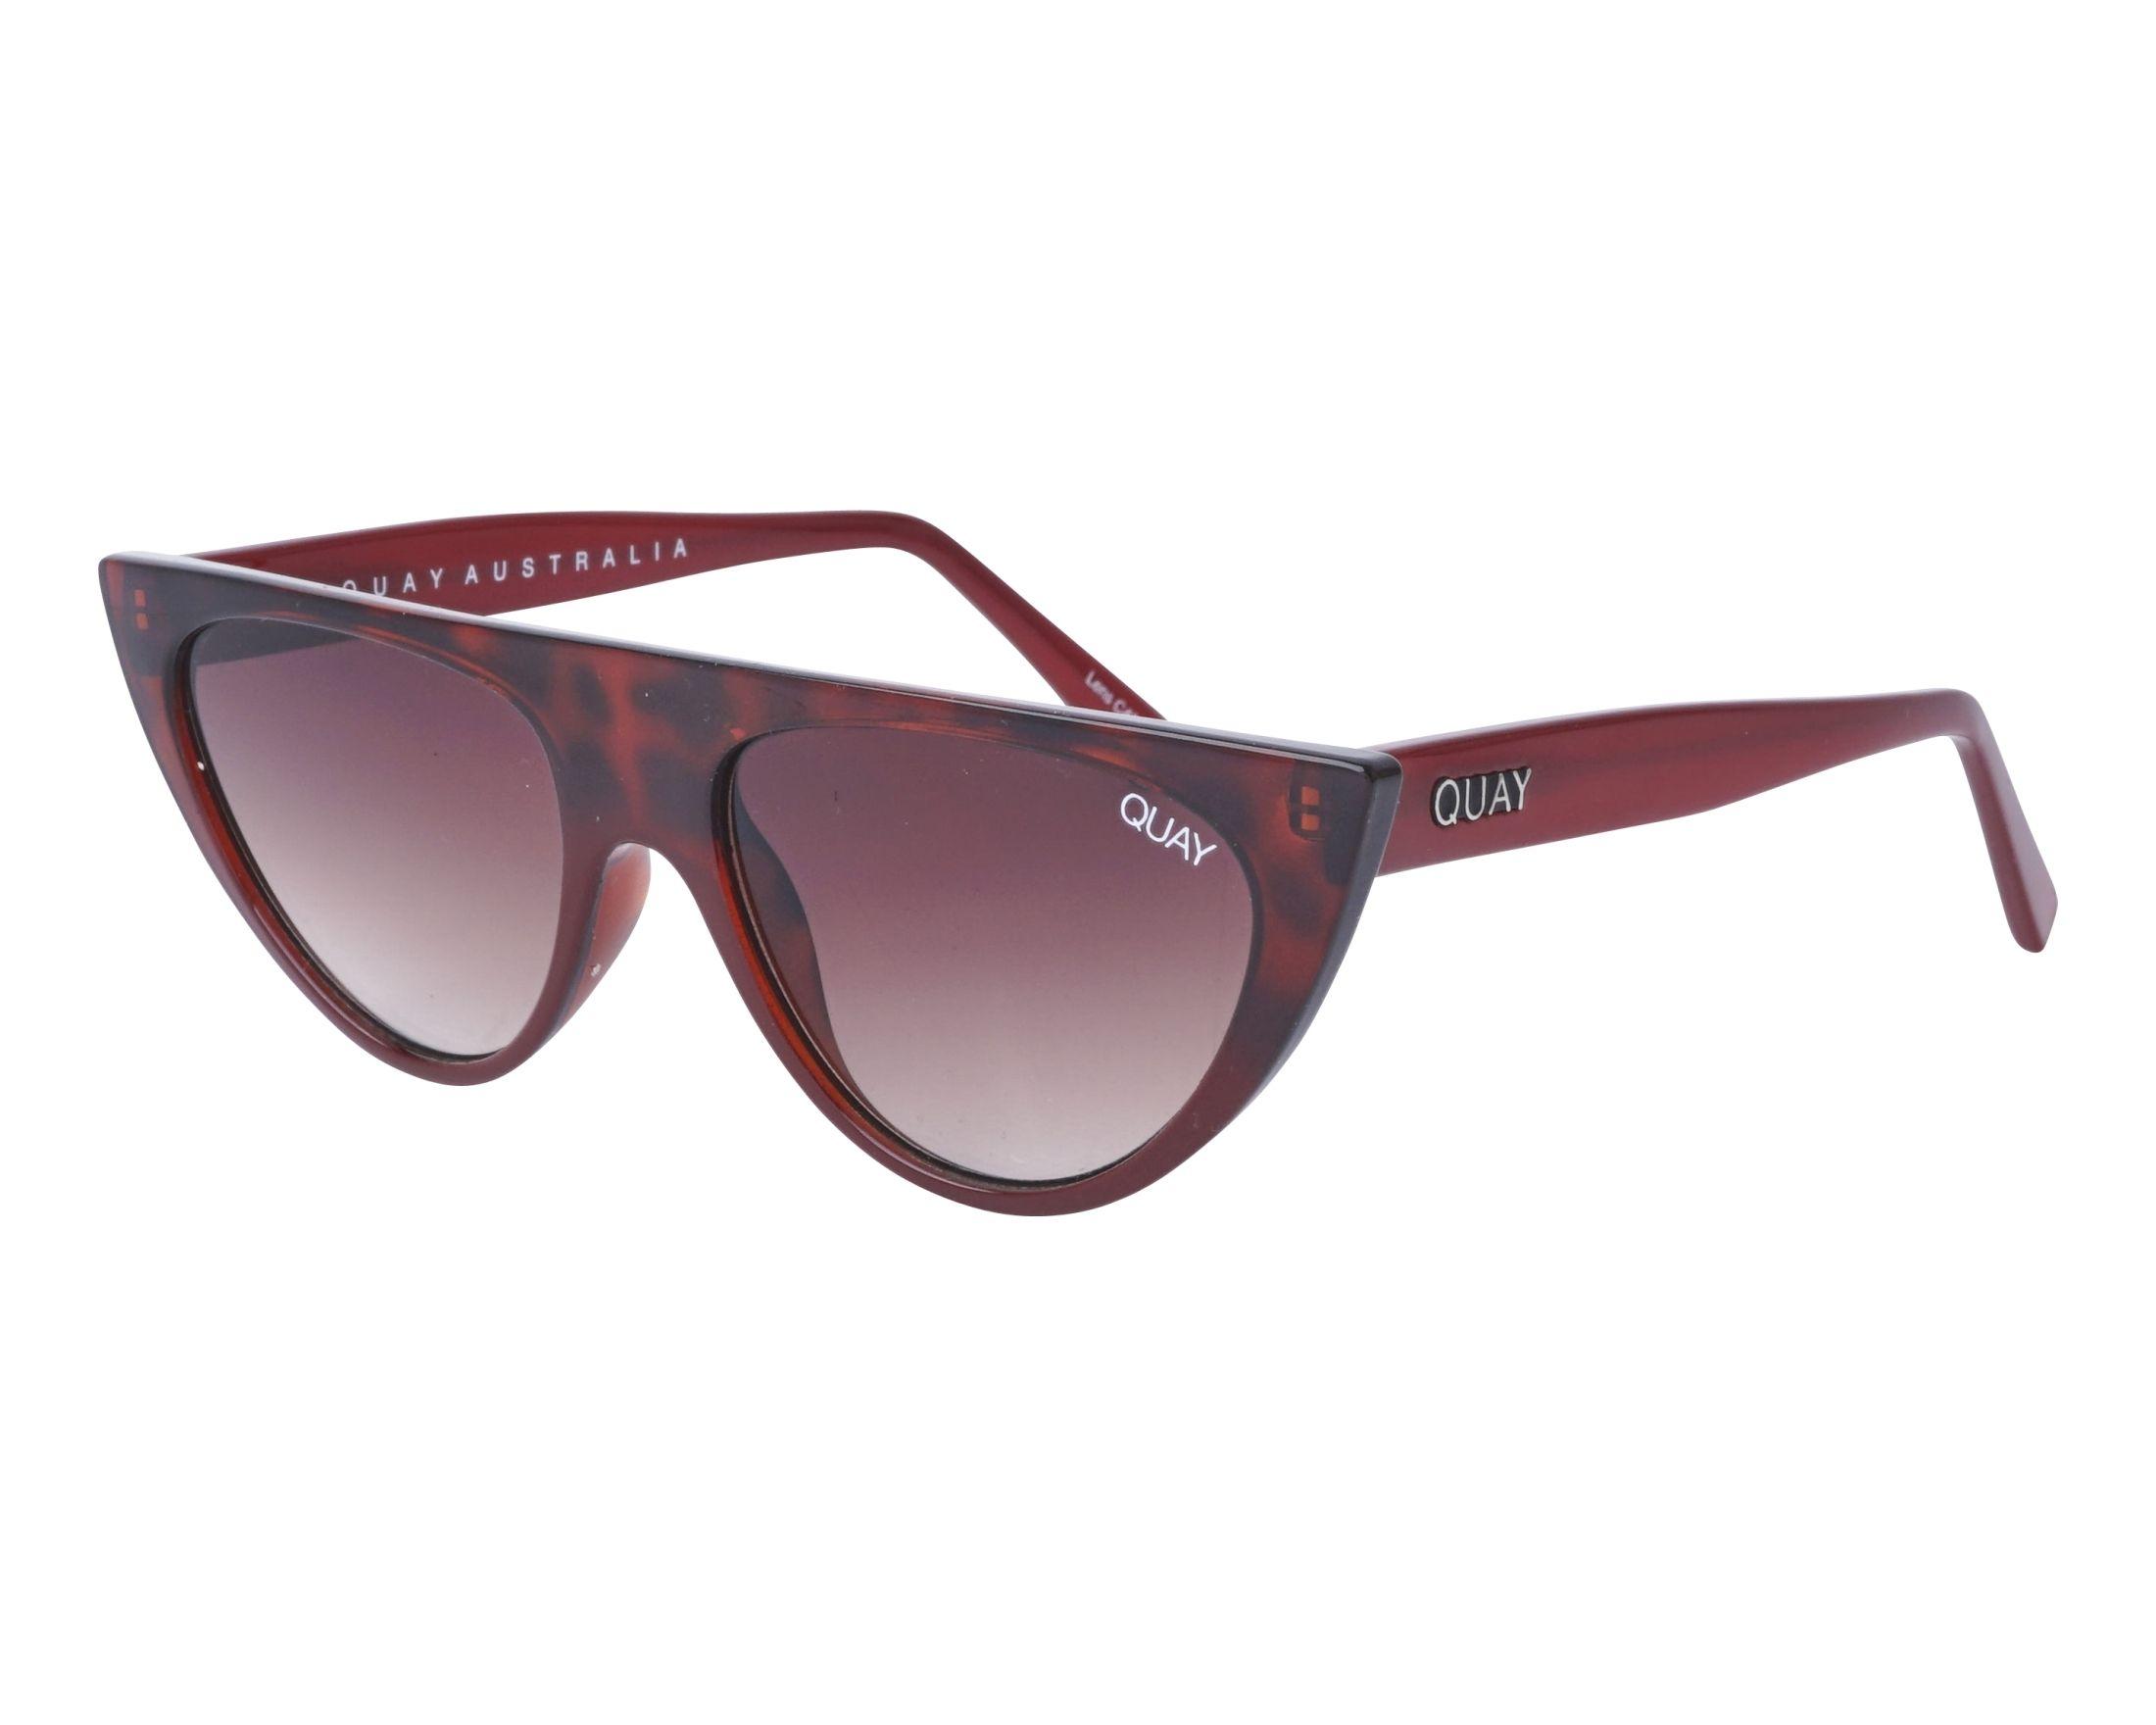 df52c1419e8d6 Lunettes de soleil Quay Australia QW-000296 TORTRD-BRN 57-15 Bordeaux  Bordeaux